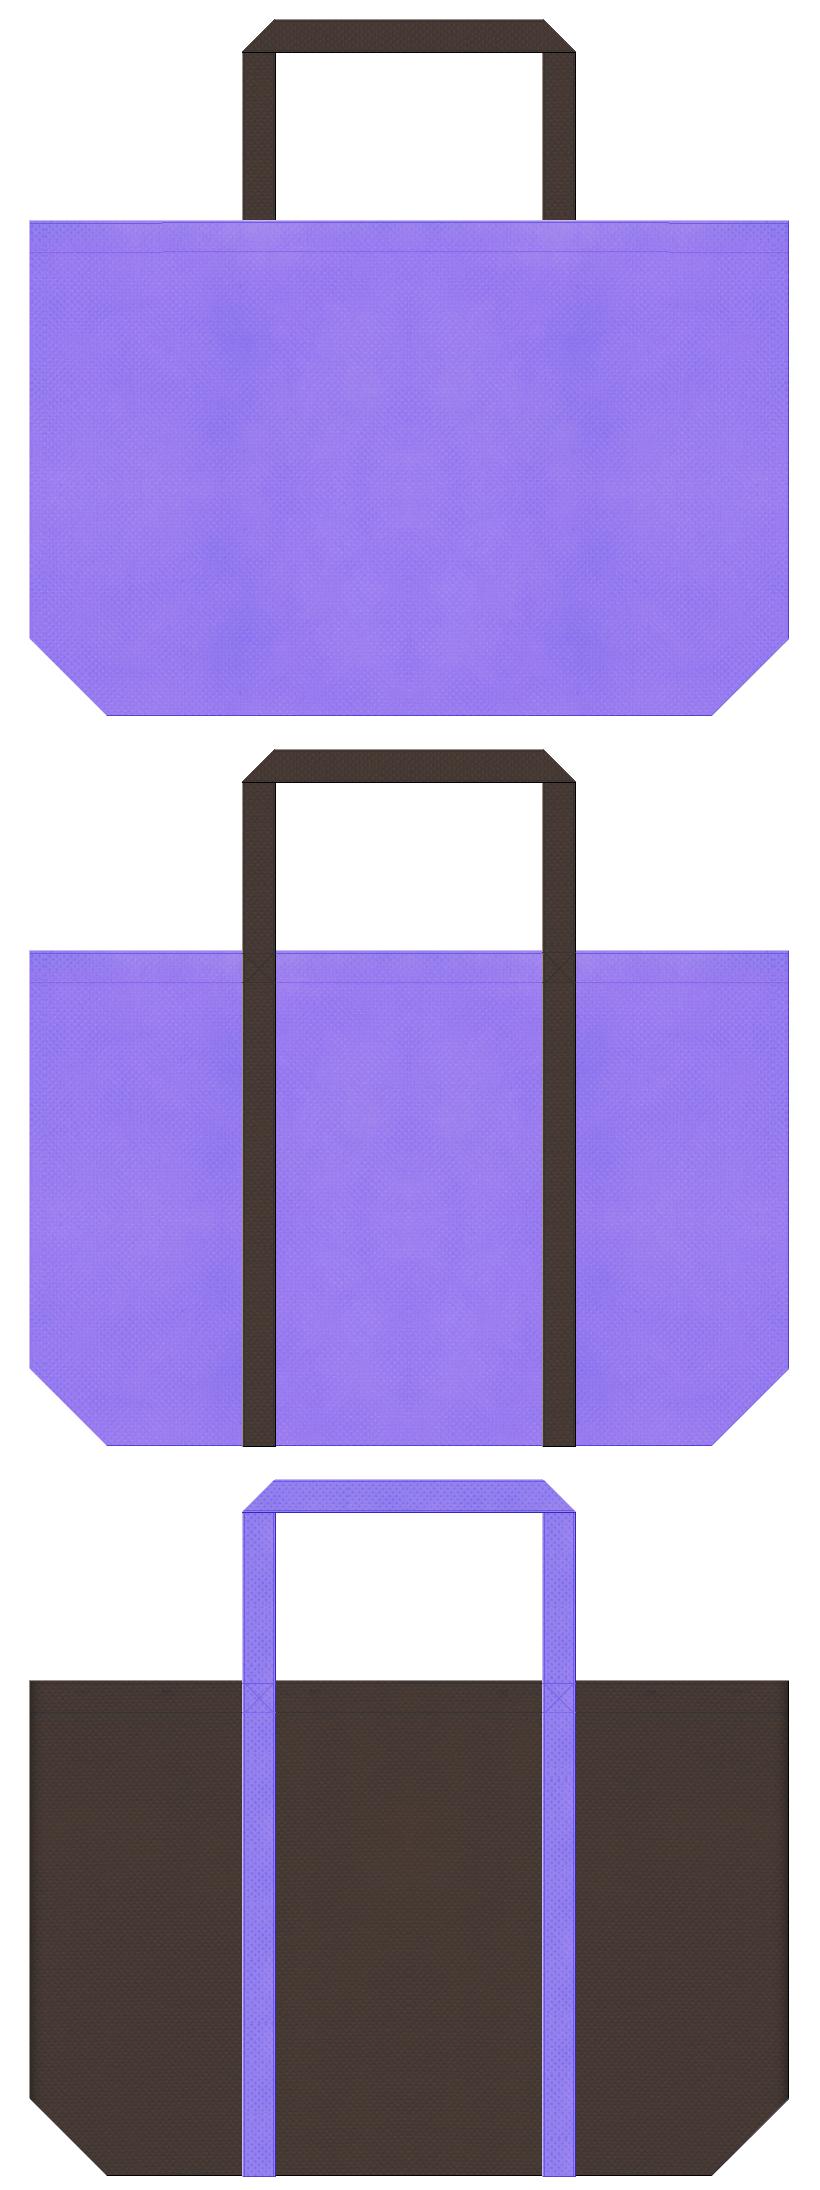 薄紫色とこげ茶色の不織布ショッピングバッグデザイン。コスプレ衣装・ウィッグのショッピングバッグにお奨めの配色です。